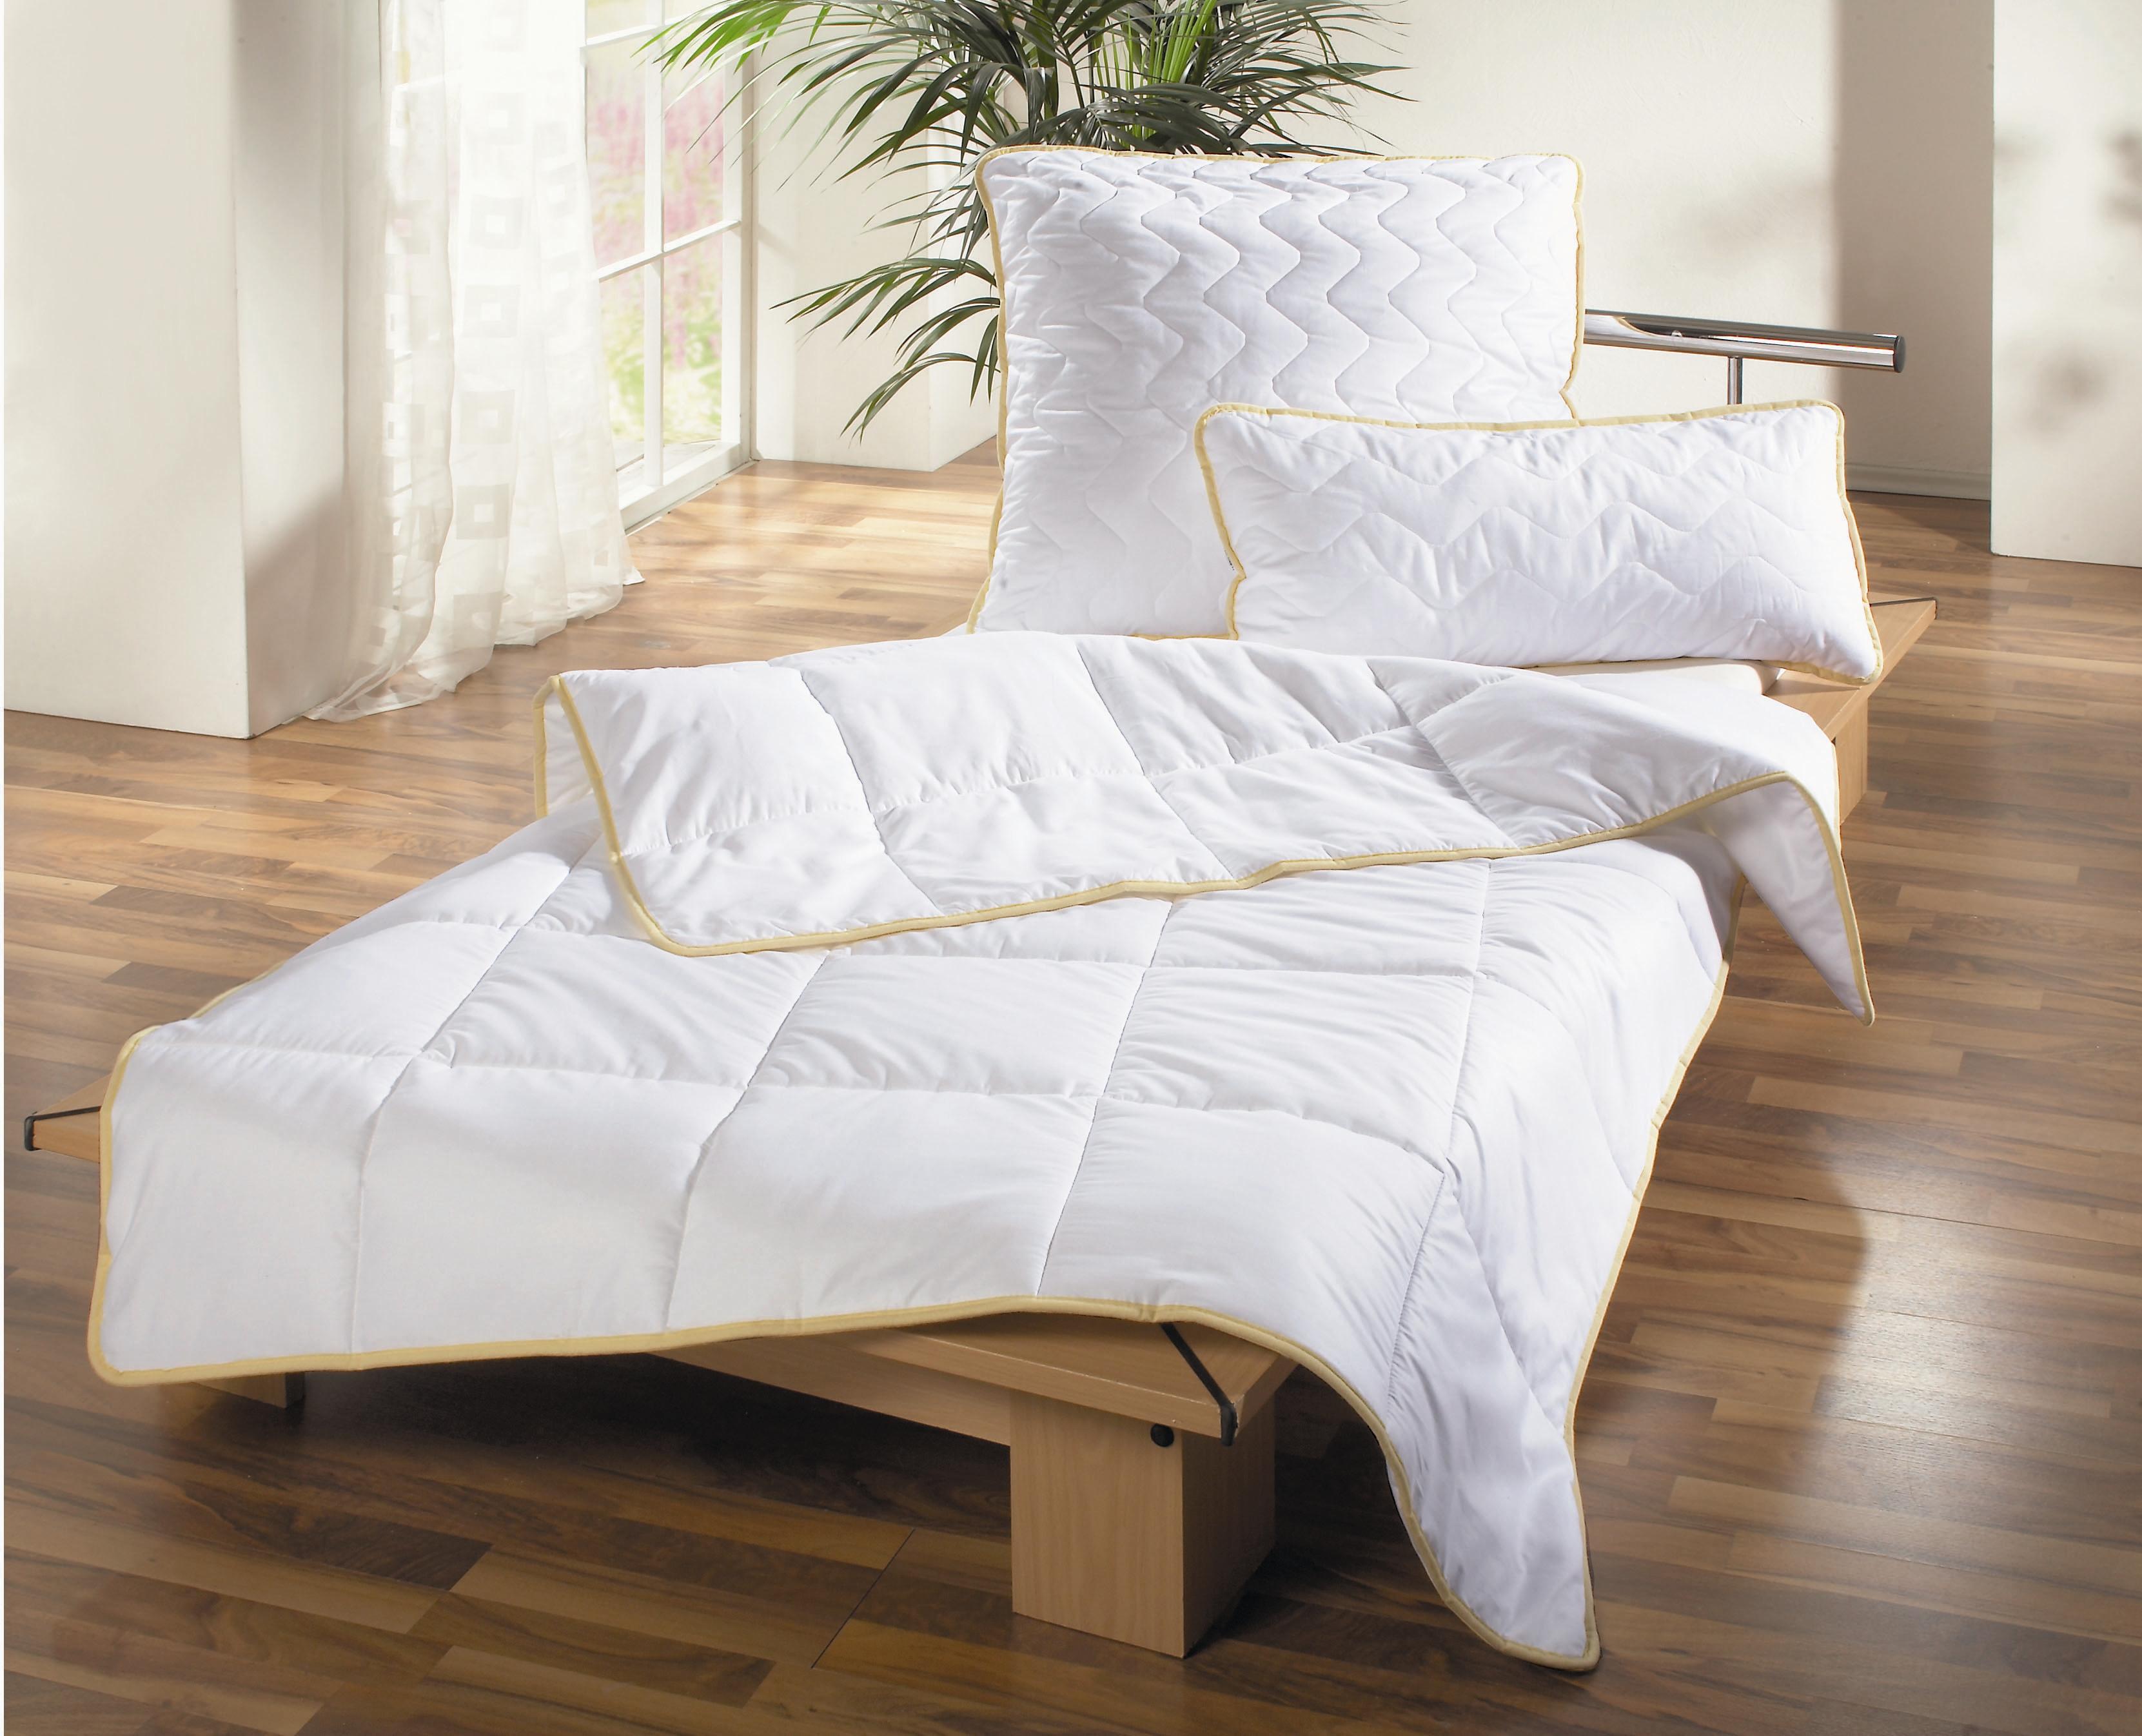 steppbett traumbett komfort osterburg matratzen. Black Bedroom Furniture Sets. Home Design Ideas